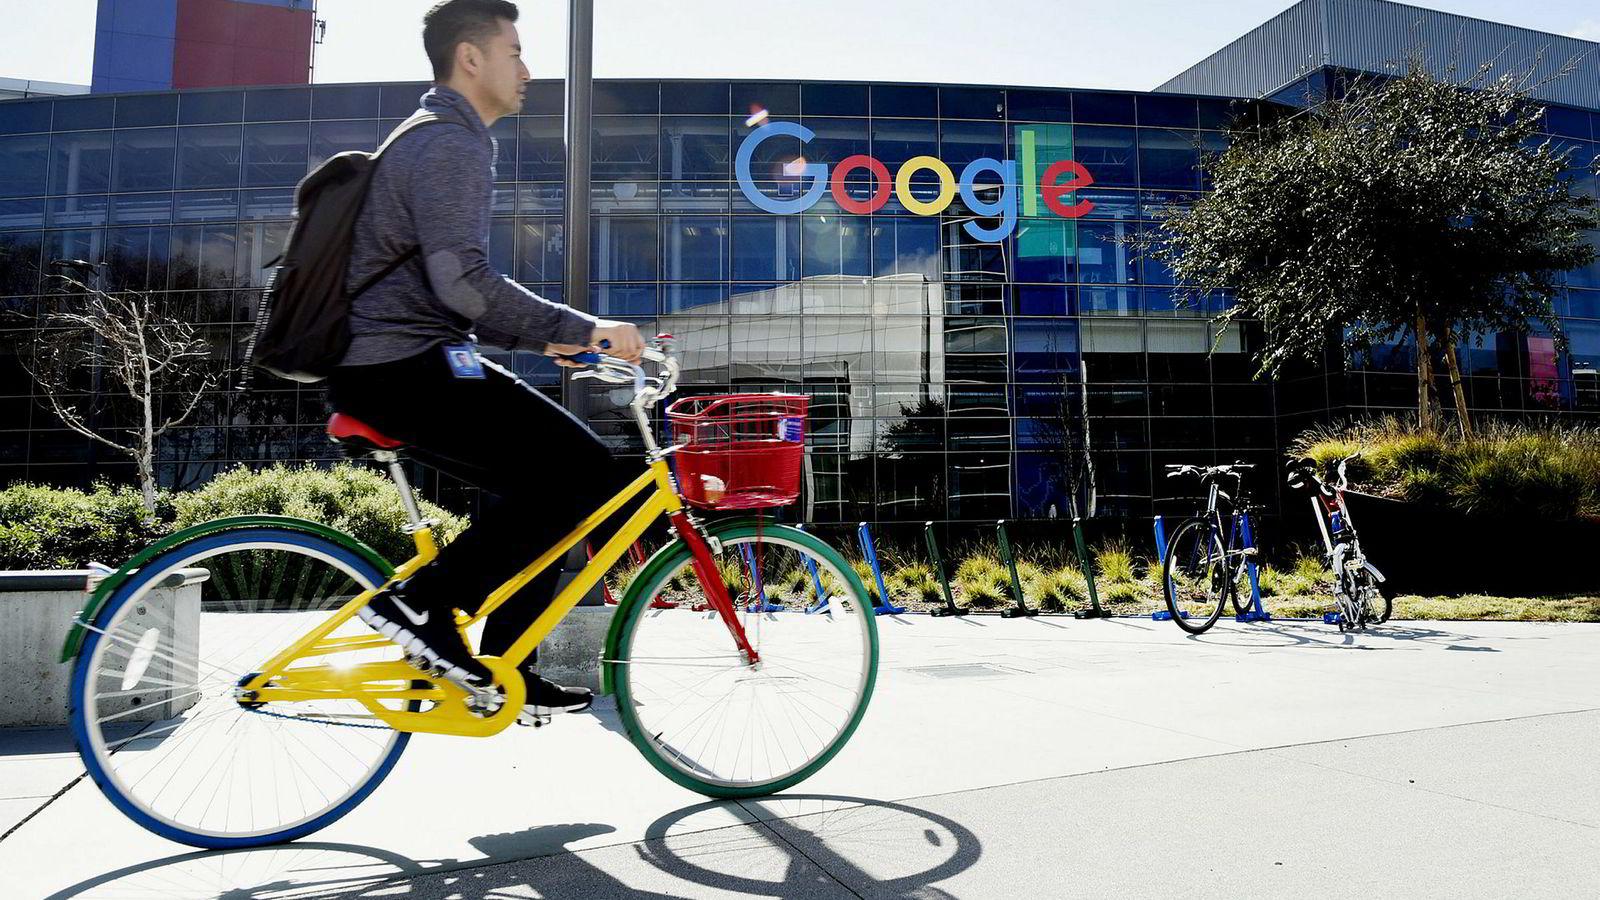 Dersom nye skatteregler i EU ble innført, ville norske myndigheter kunne sendt en betydelig høyere skatteregning til Googles hovedkvarter Googleplex i California.